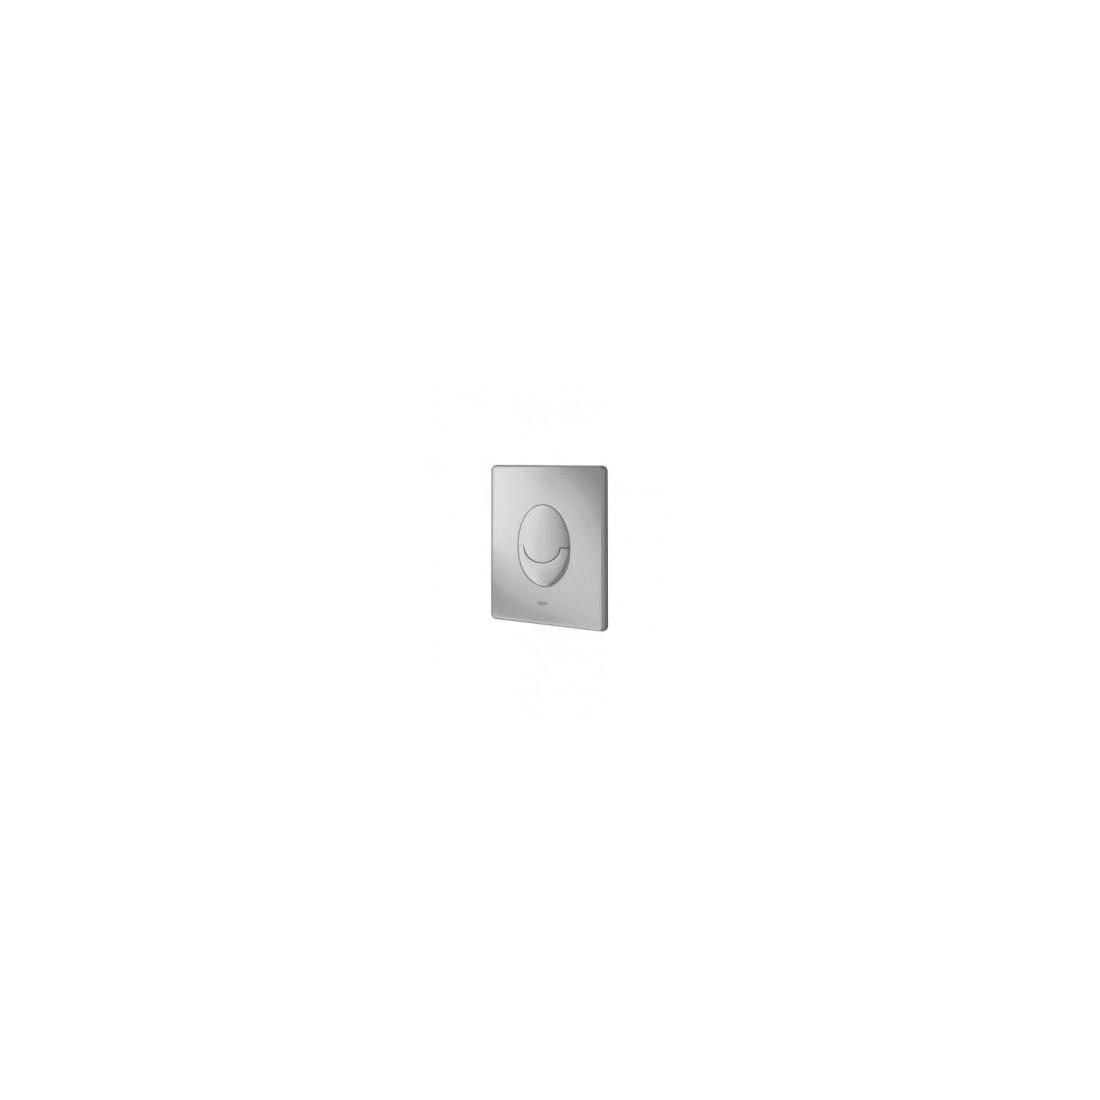 WC klavišas GROHE Skate Air mat.chromas, vertikalus